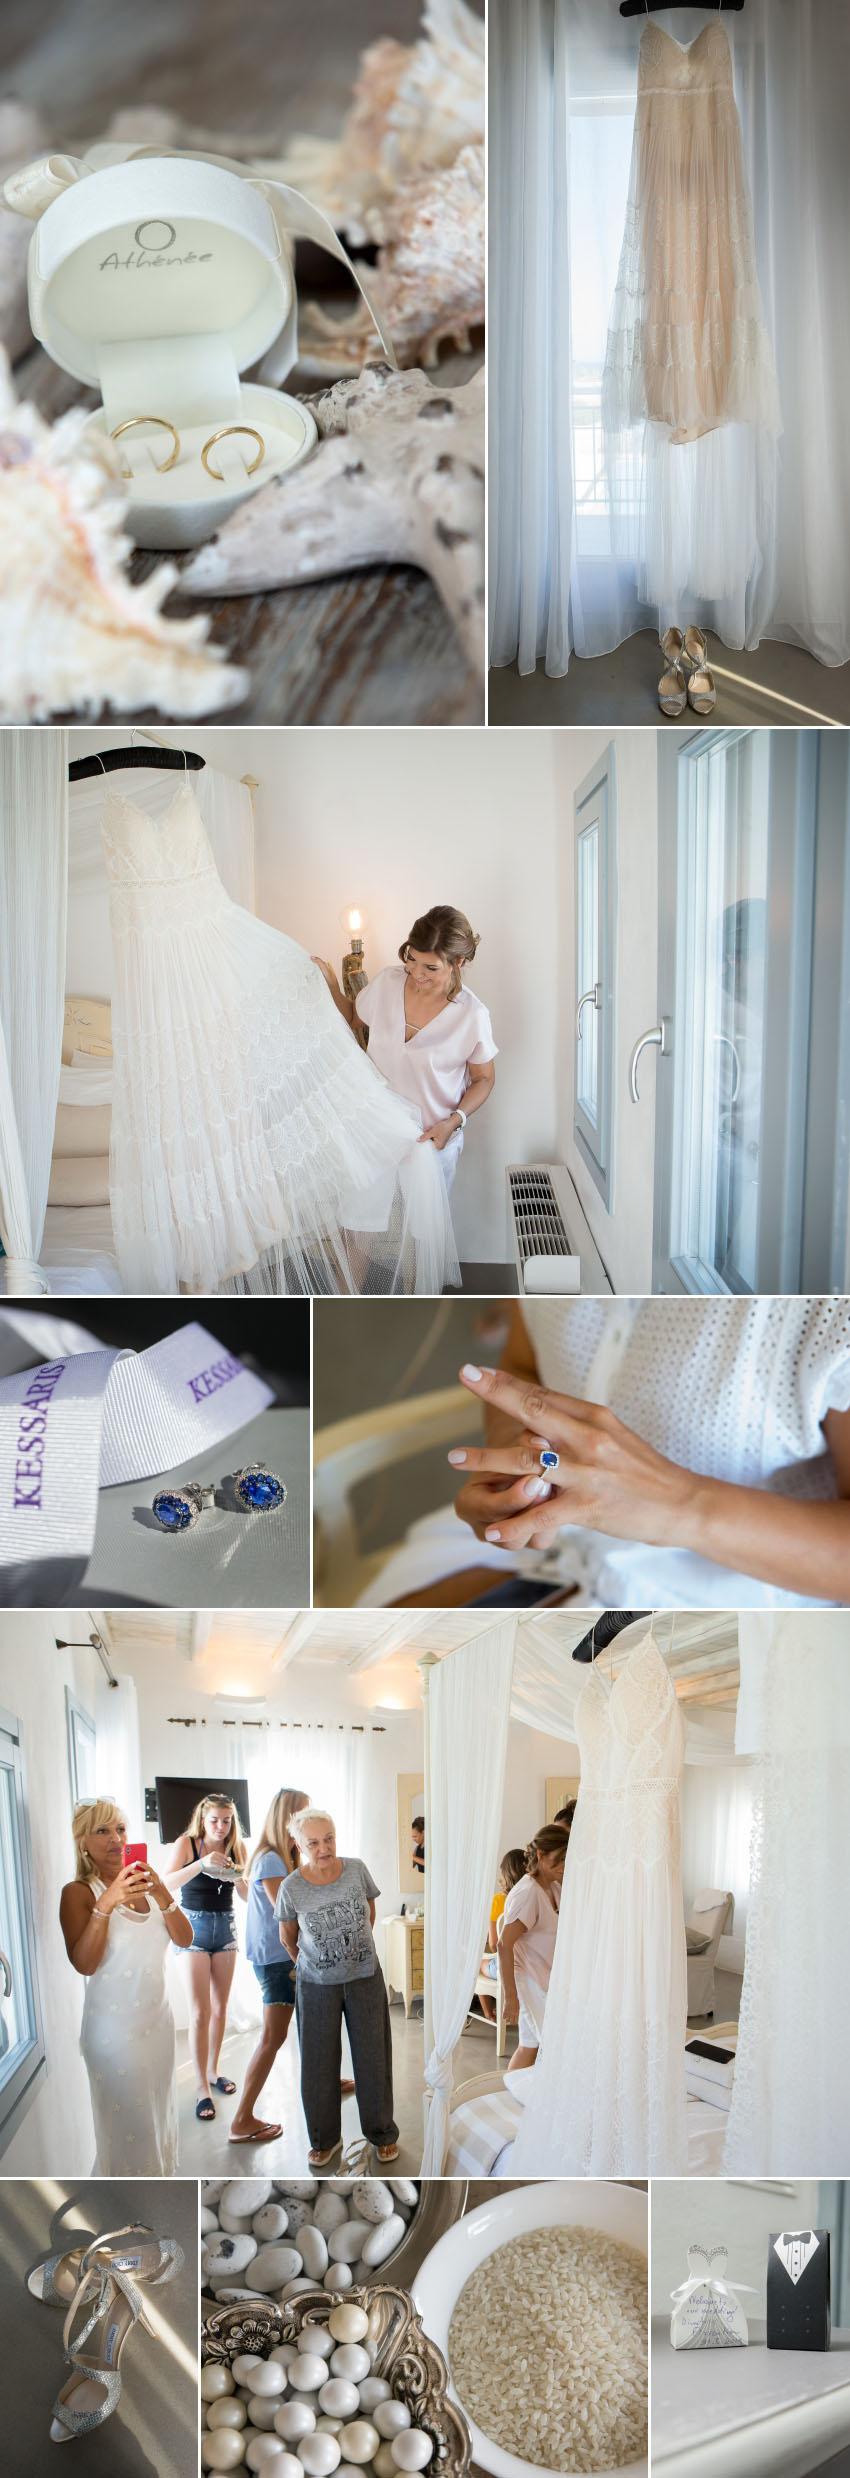 A Paros wedding